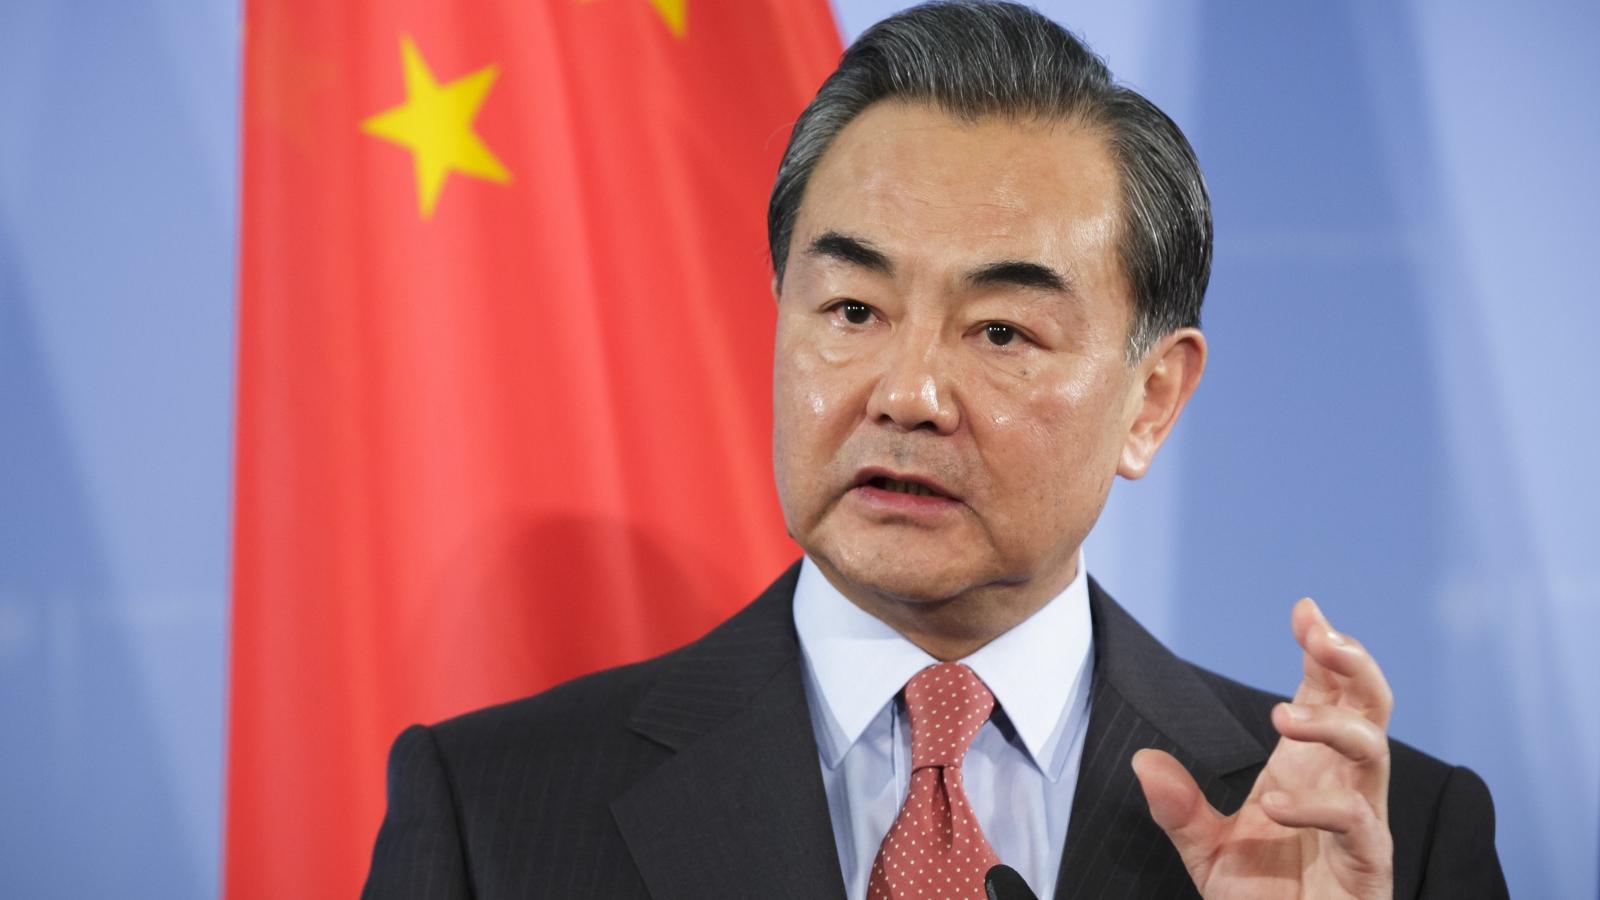 Trung Quốc trao đổi với nhiều nước về tình hình Afghanistan